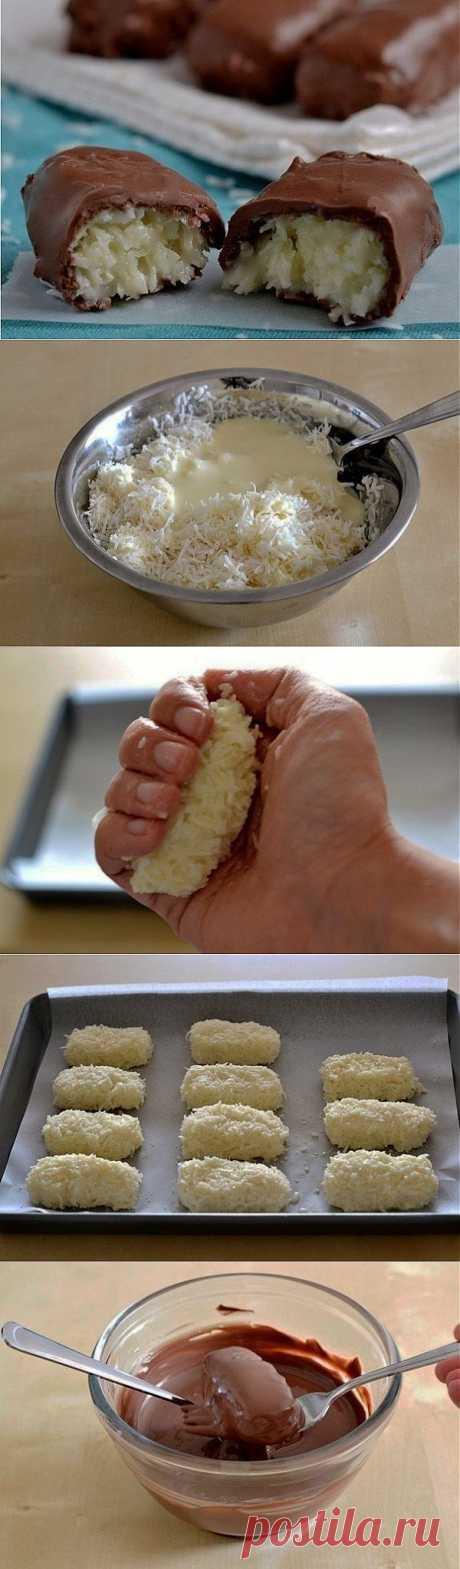 Простой рецепт конфет «Баунти» .